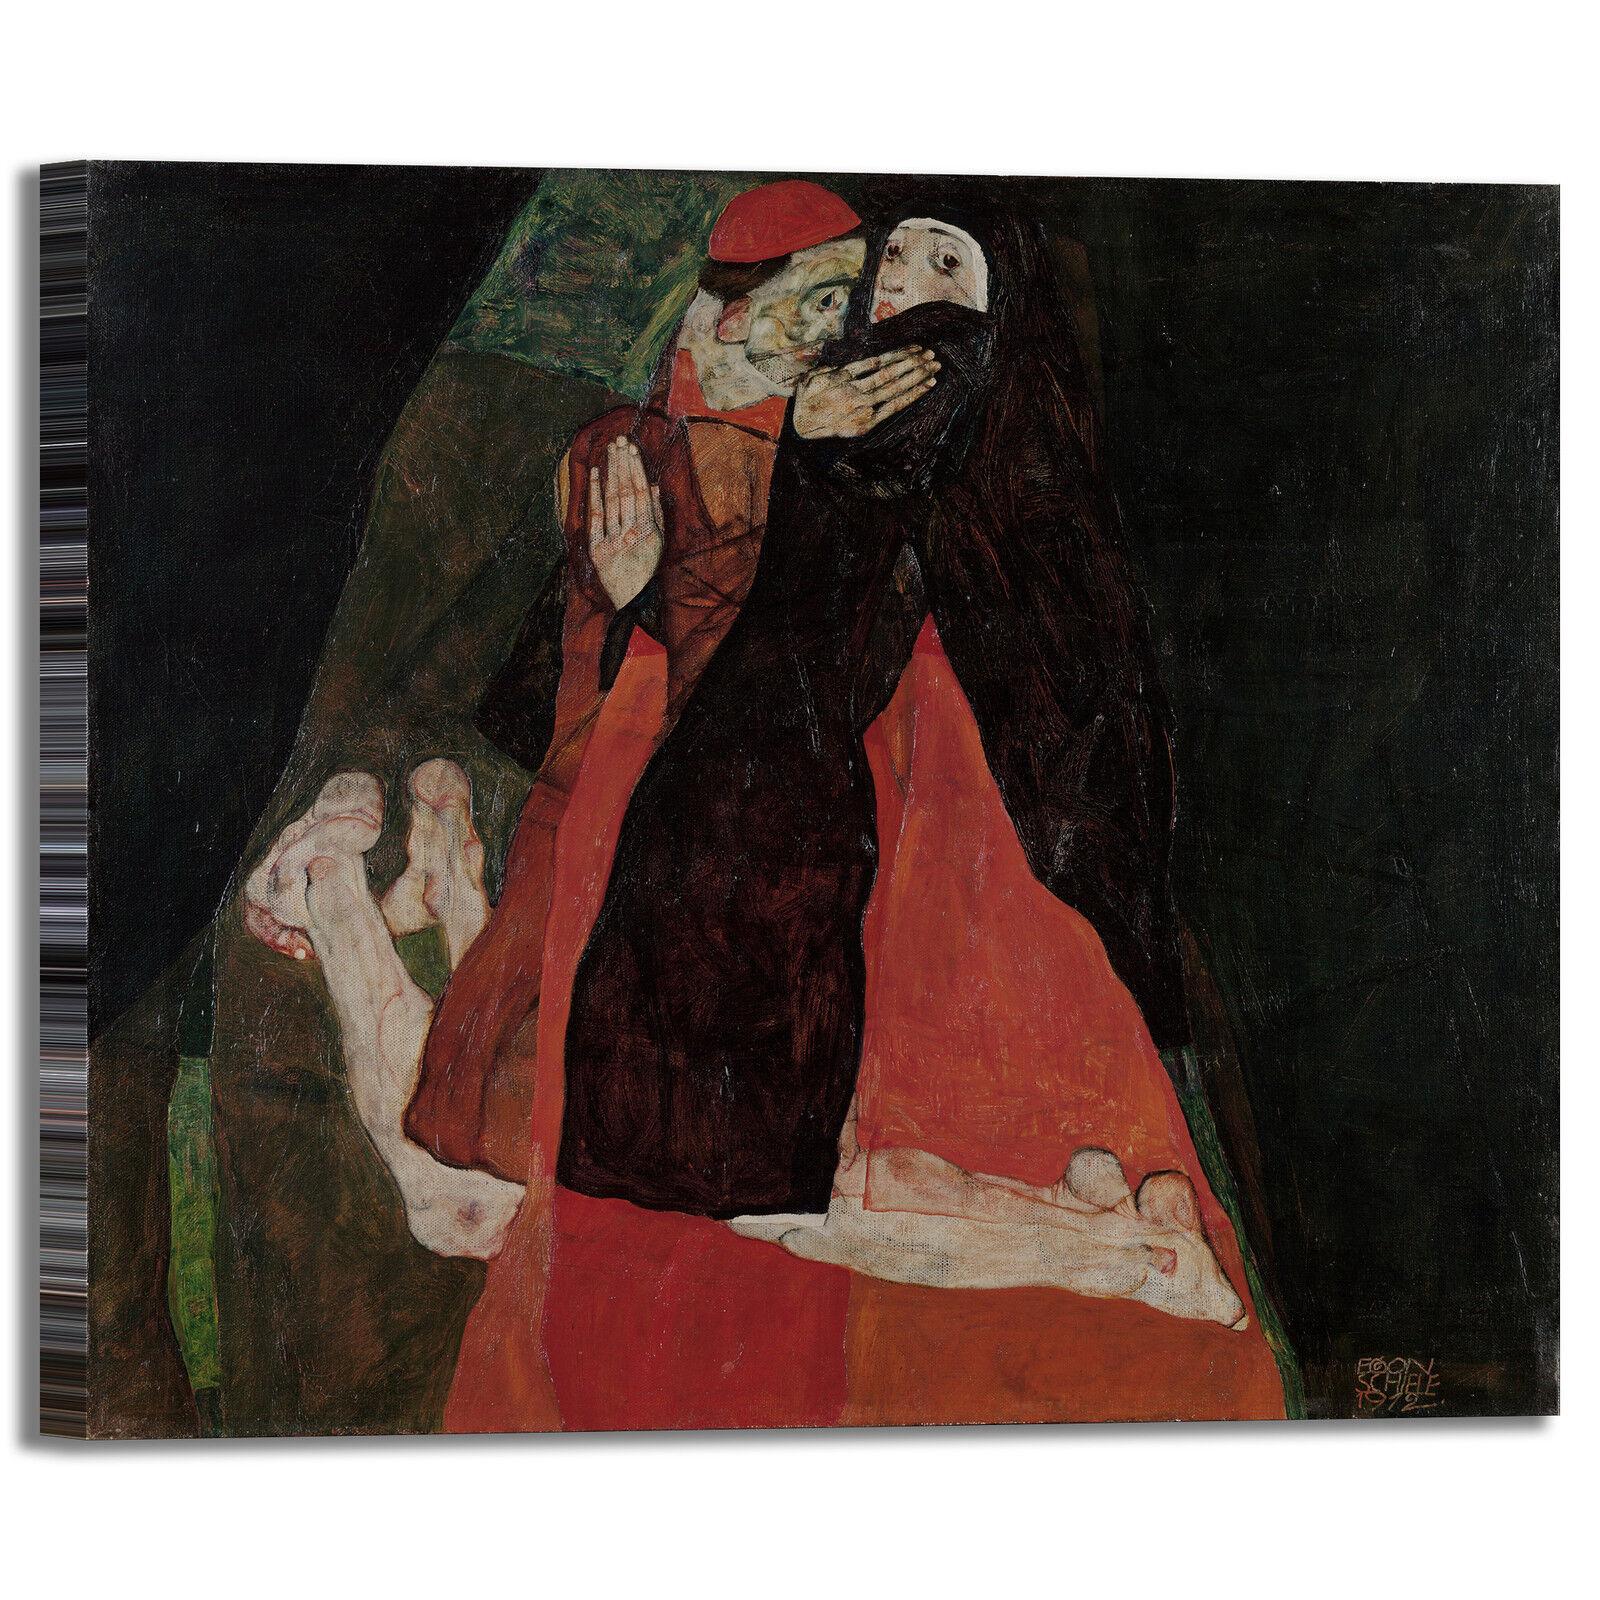 Schiele cardinale e design monaca design e quadro stampa tela dipinto telaio arRouge o casa 6f99e8